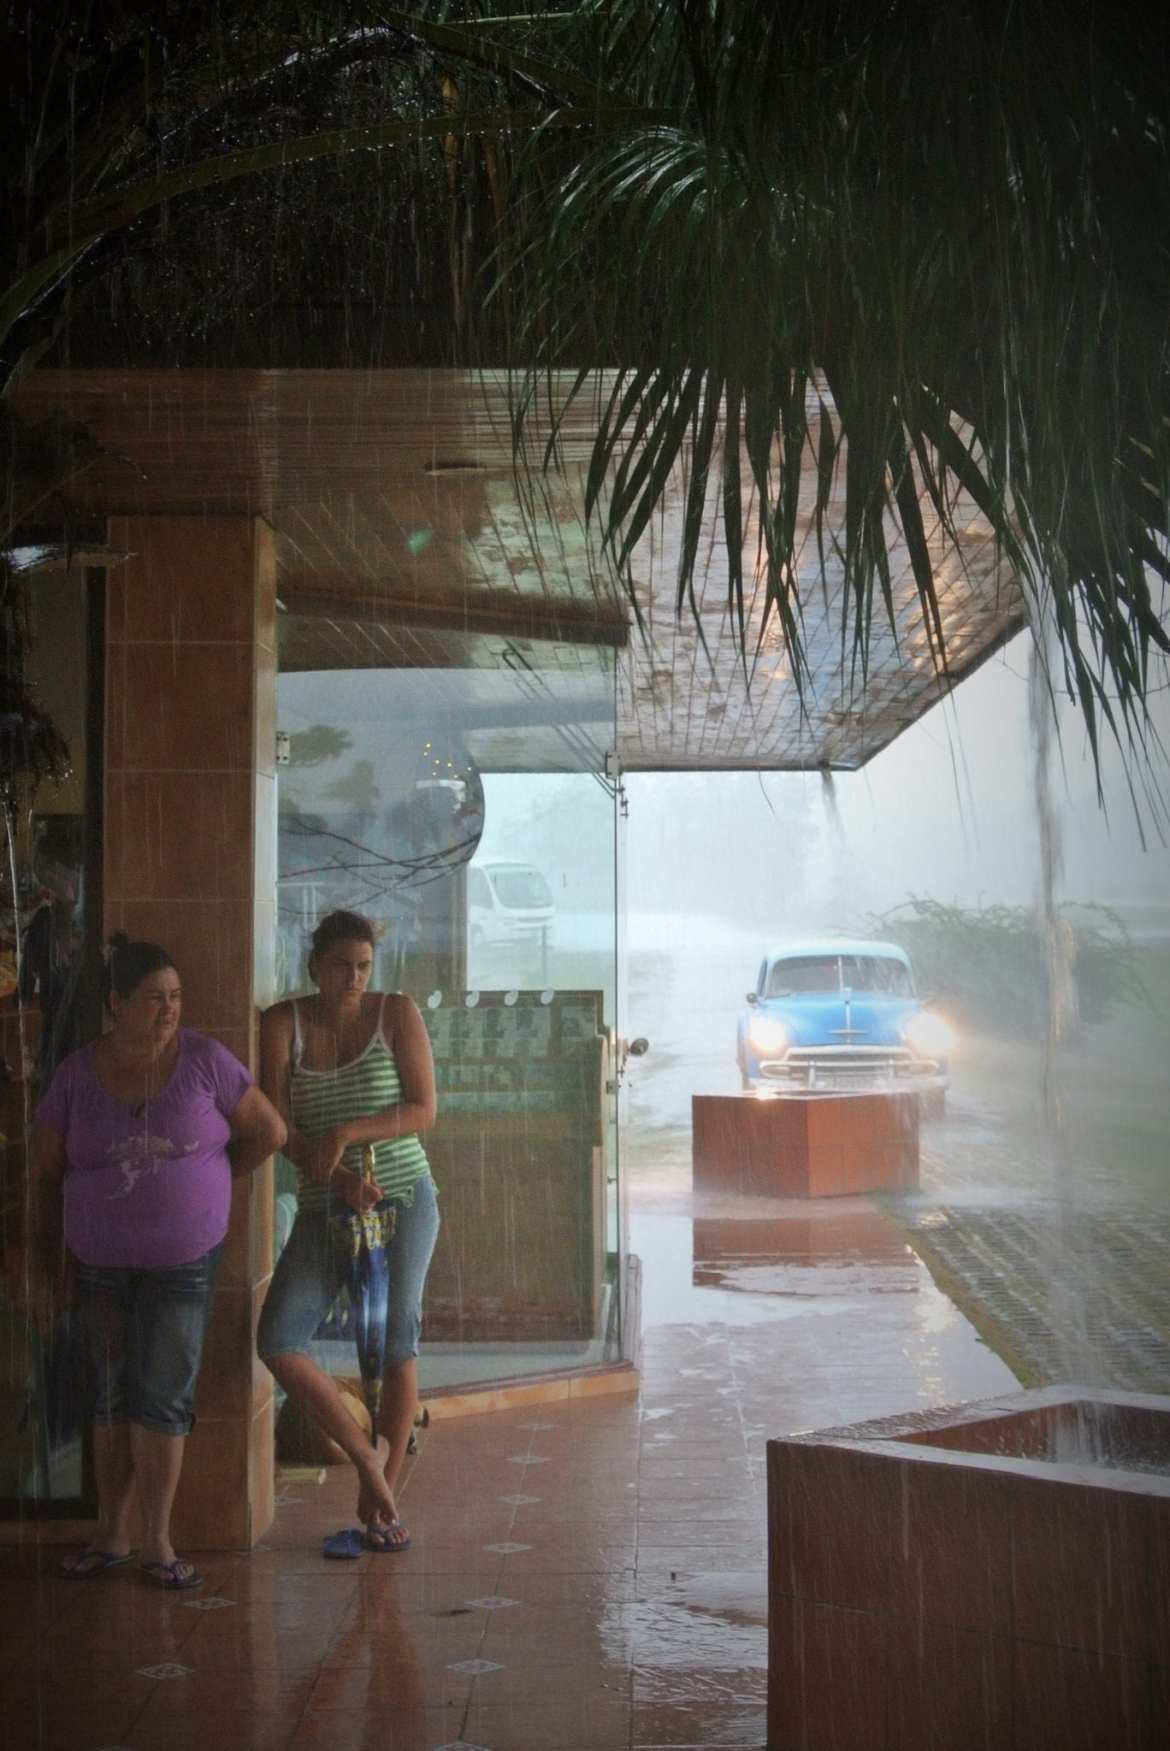 rain in vinales, cuba